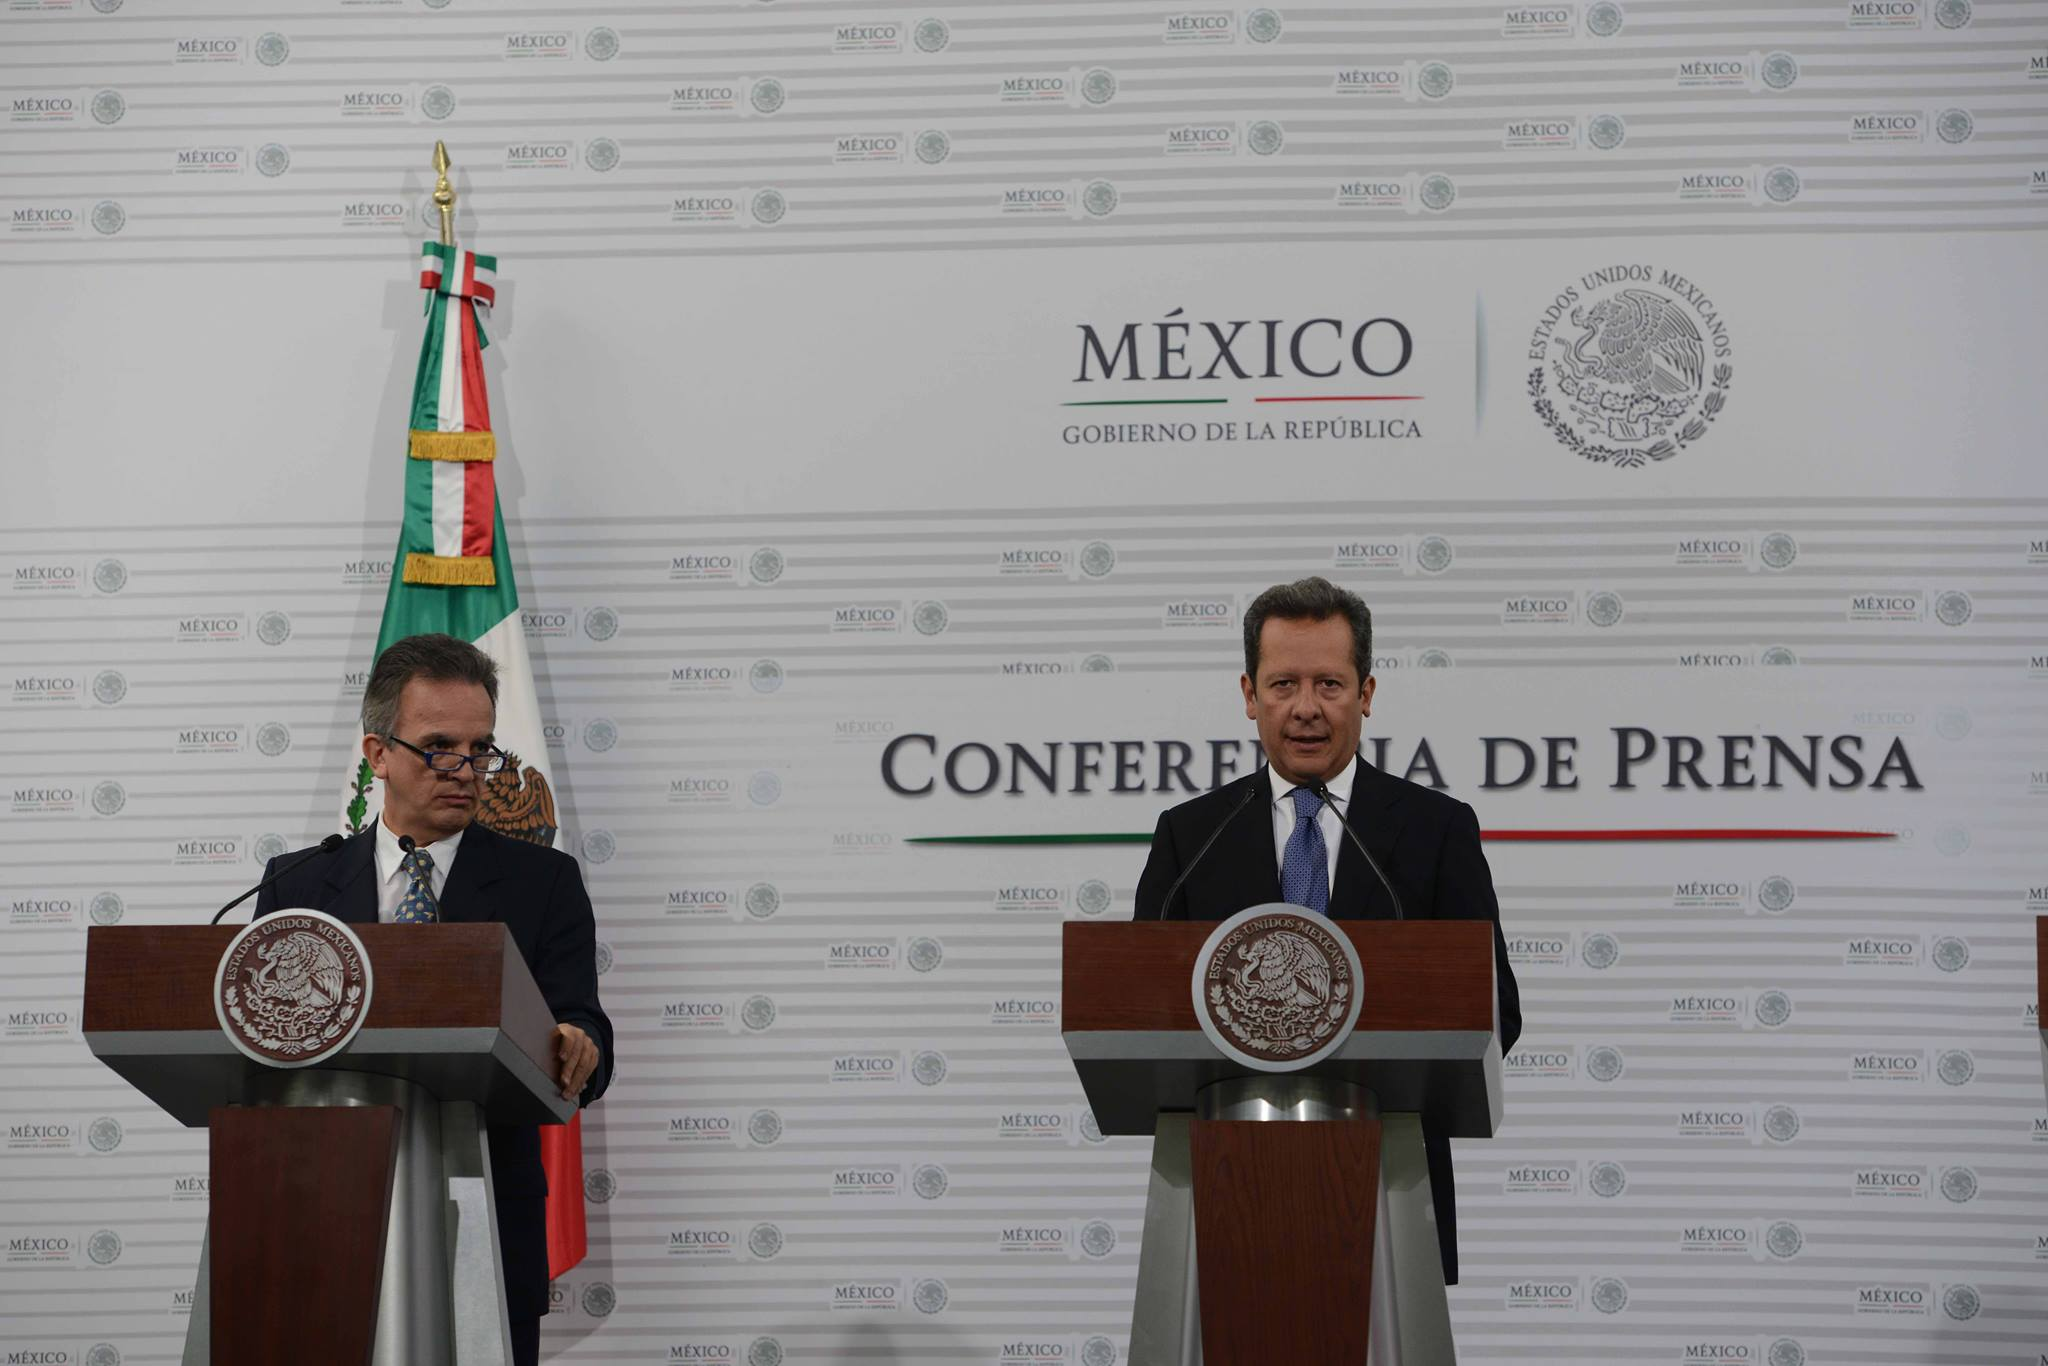 """México, destacó Eduardo Sánchez, forma parte de las soluciones globales. """"Está comprometido con resolver el presente, y está sembrando prosperidad para el futuro""""."""